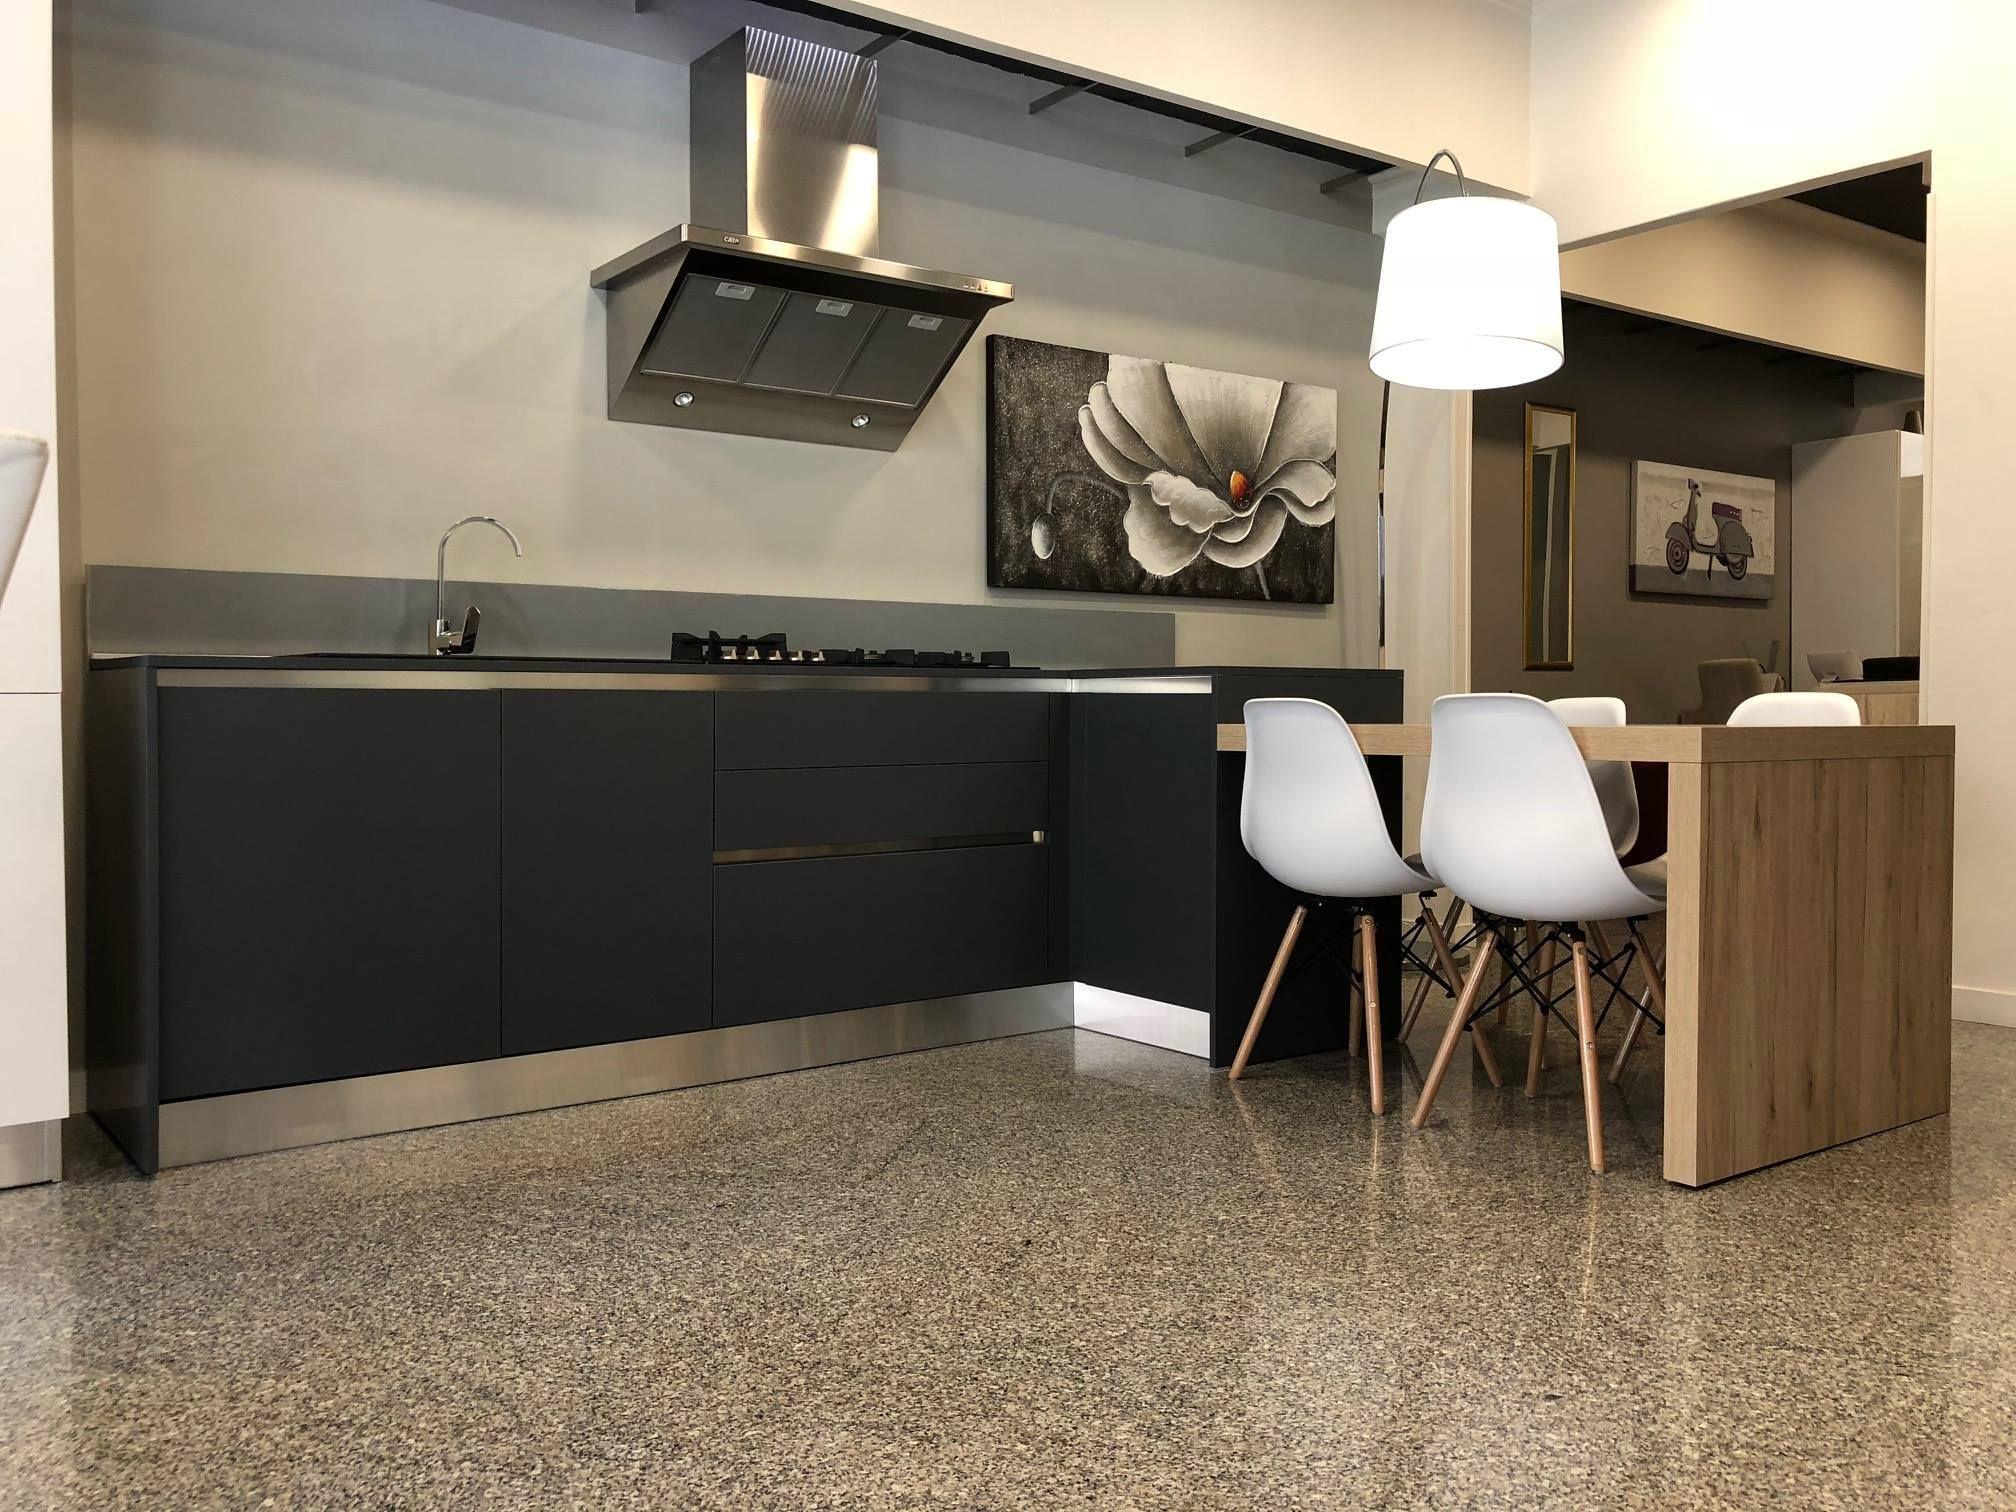 Da em decor arreda spazio design puoi trovare gicinque cucine